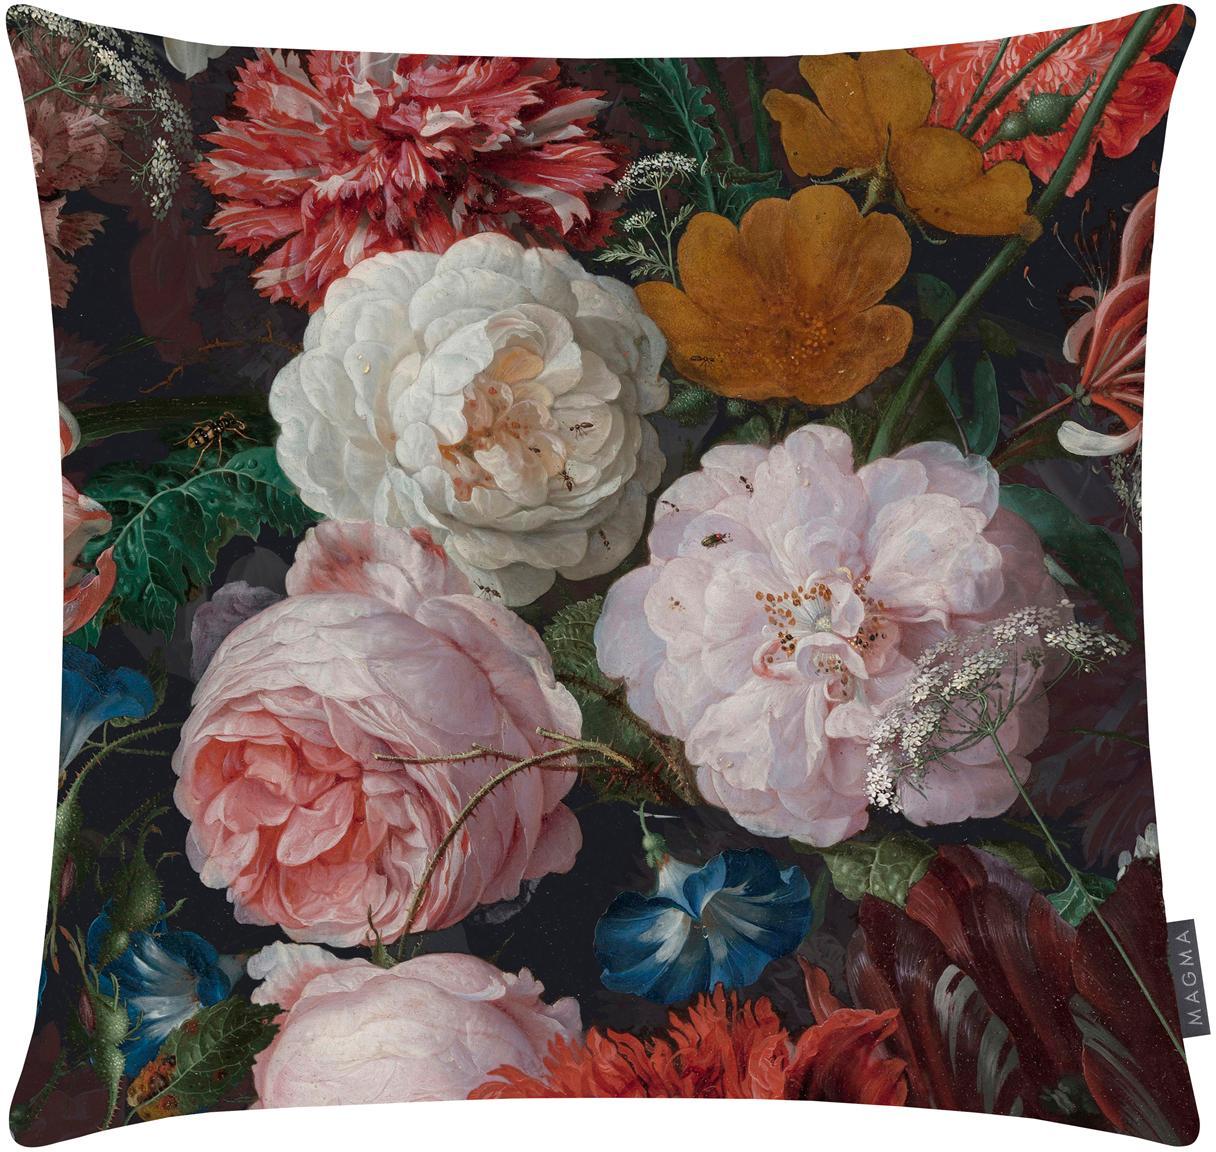 Federa arredo in velluto con motivo floreale Fiore, 100% velluto di poliestere, stampato, Antracite, rosa, rosso, giallo, verde, blu, Larg. 50 x Lung. 50 cm